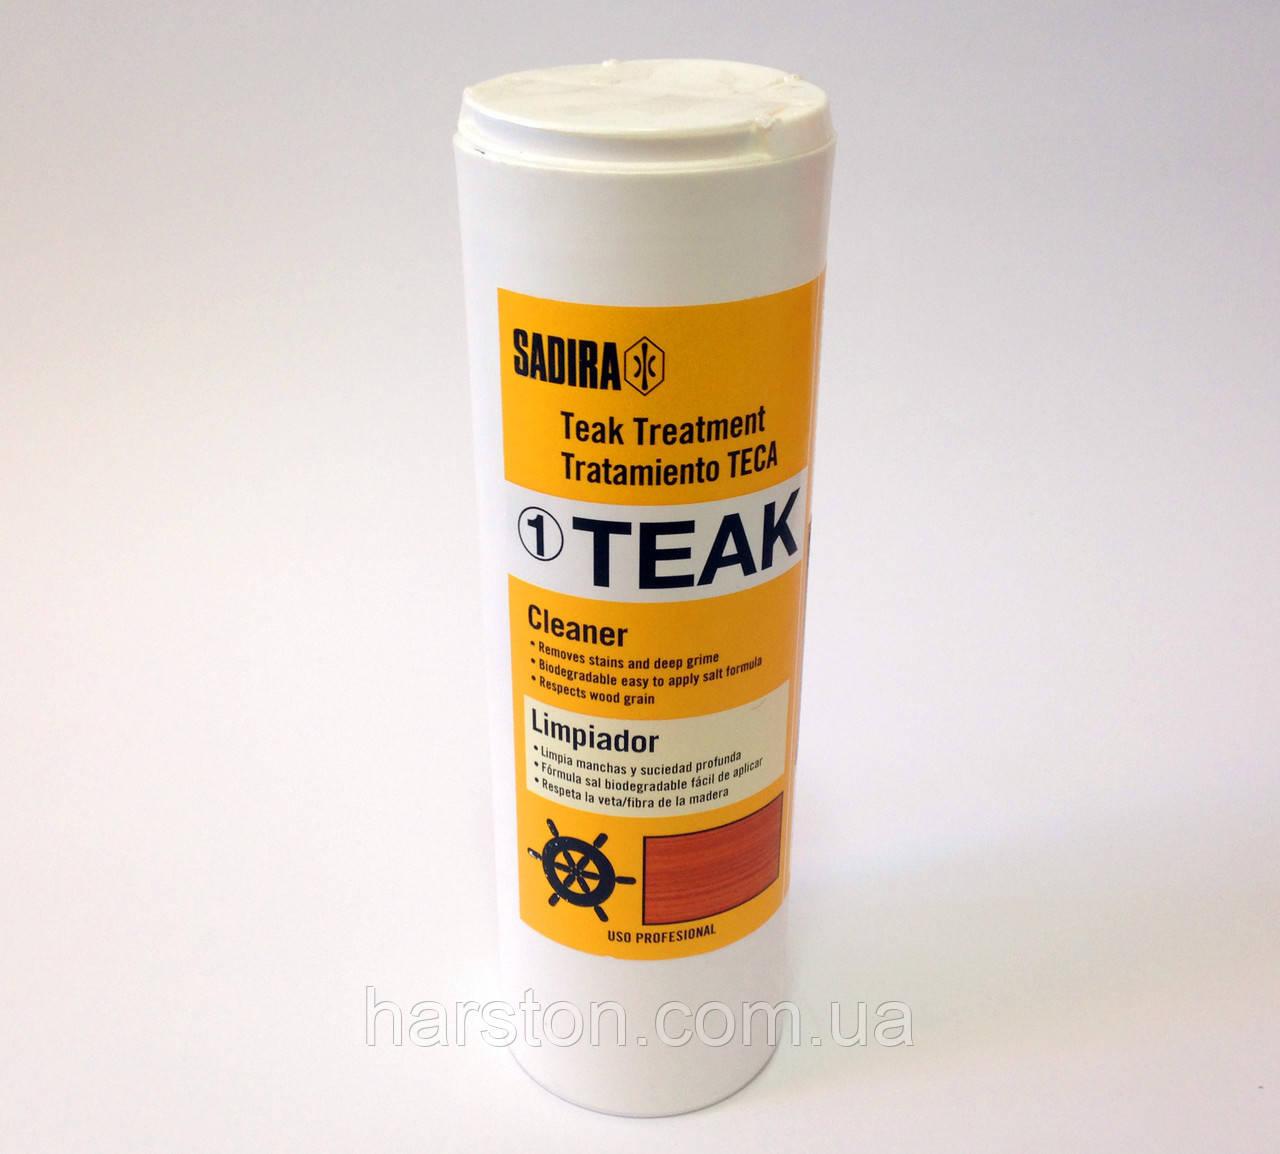 Средство для чистки тика Sadira Teak Treatment 1. Очиститель, 500 мл.